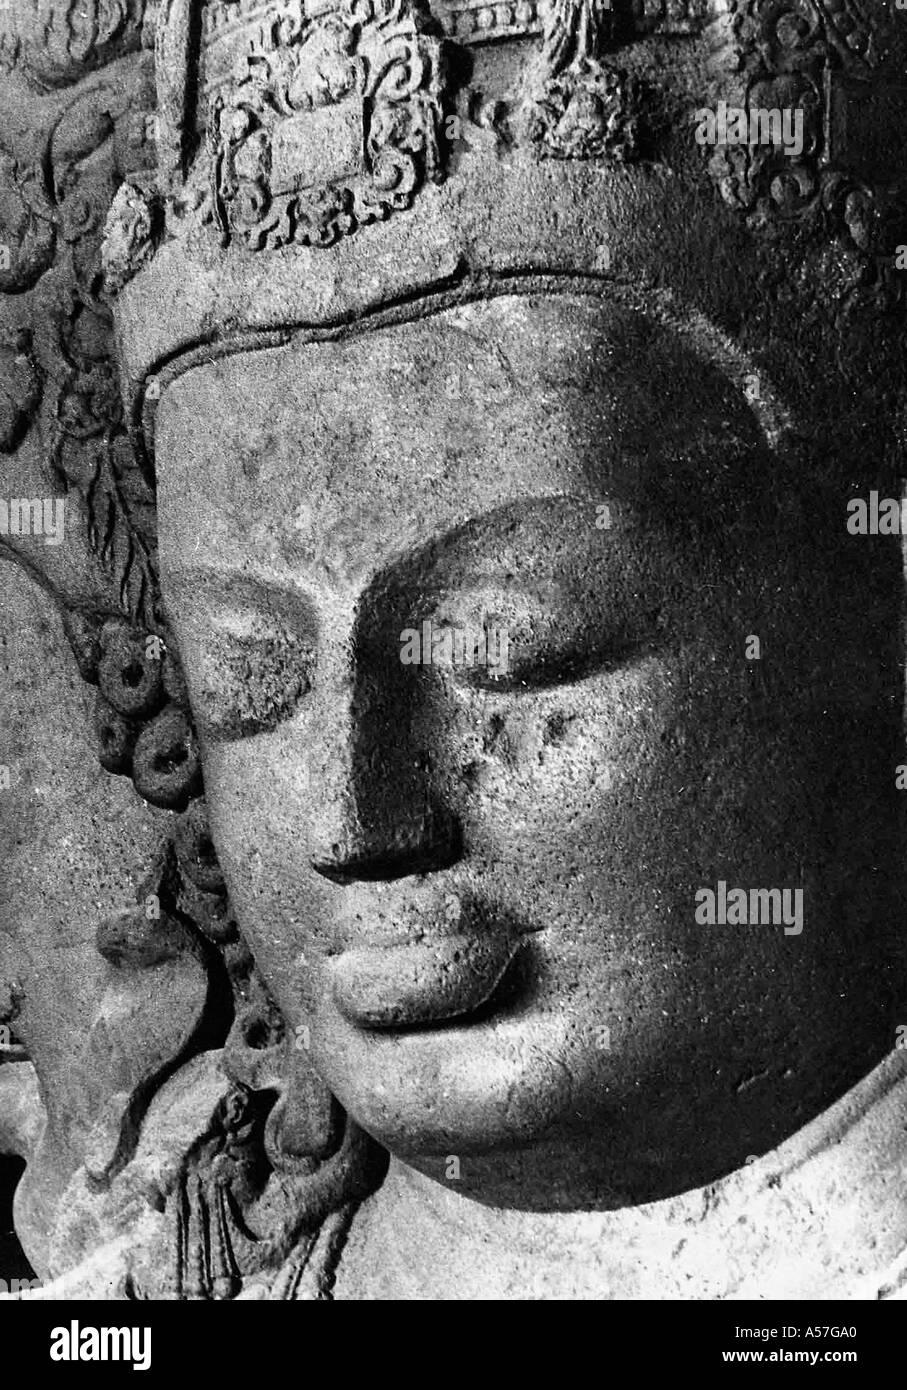 God Shiva Mahadeva Elephanta Caves Bombay Mumbai Maharashtra India 1977 - Stock Image